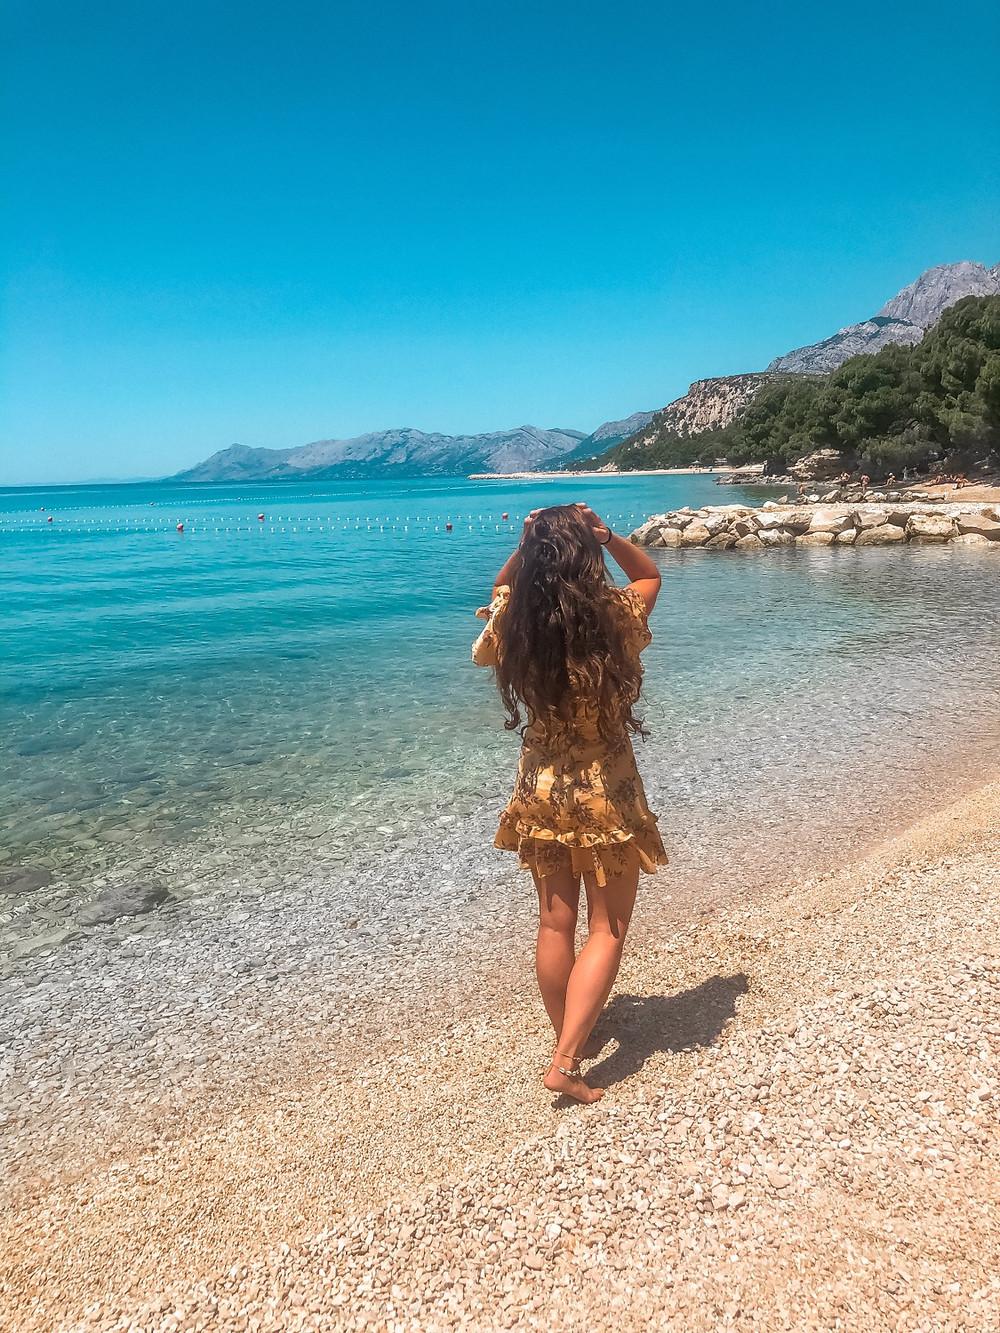 Makarska-schöner-Strand-Urlaub-Reisetipps-Kroatien